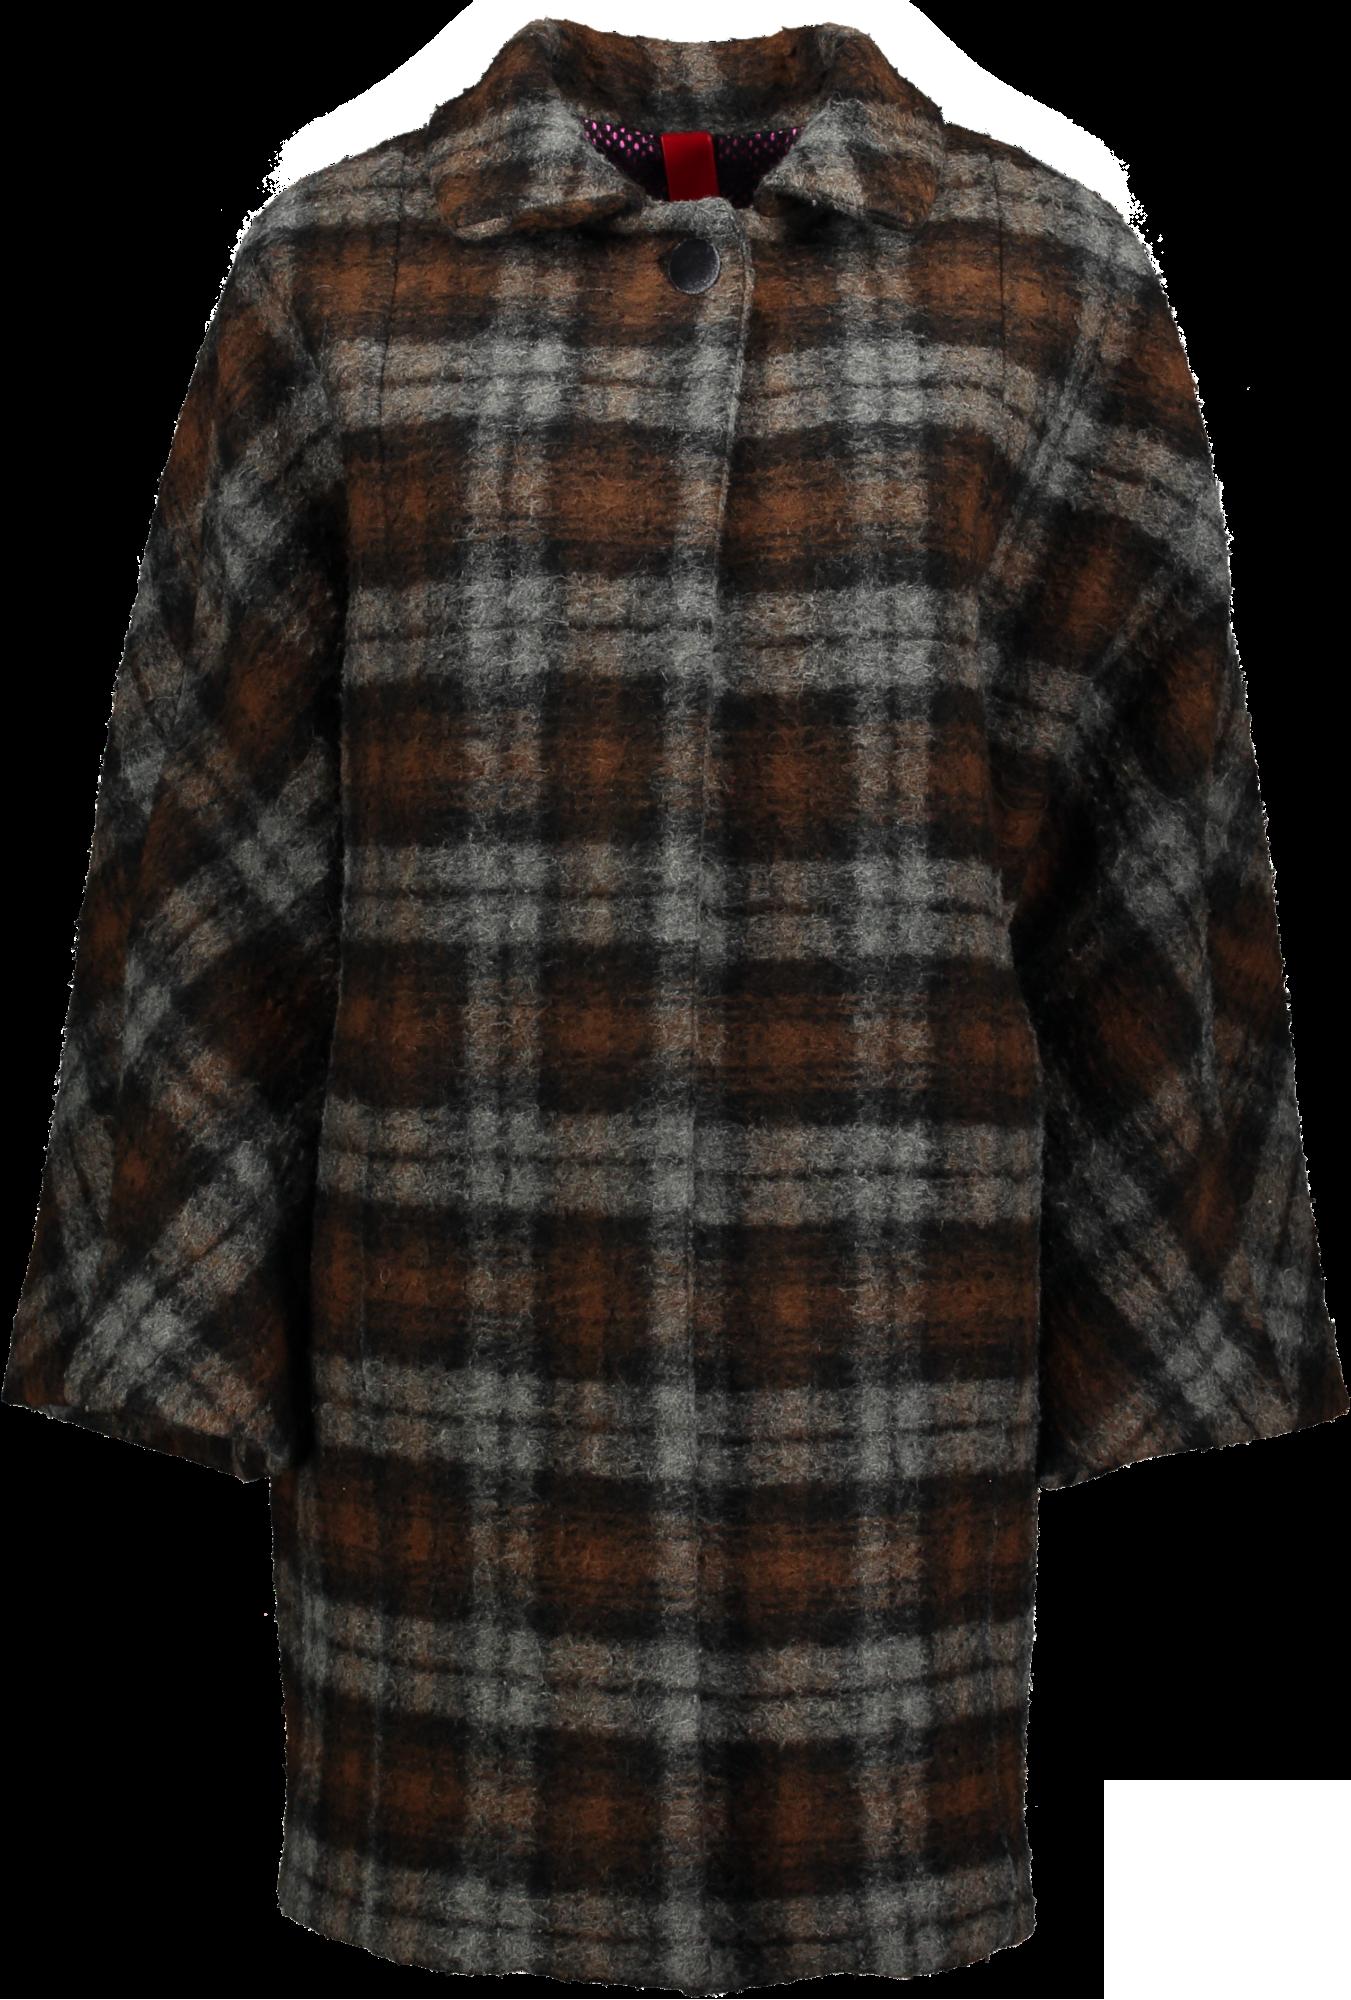 cape Coat _Front_PNG2000x2000Fixed